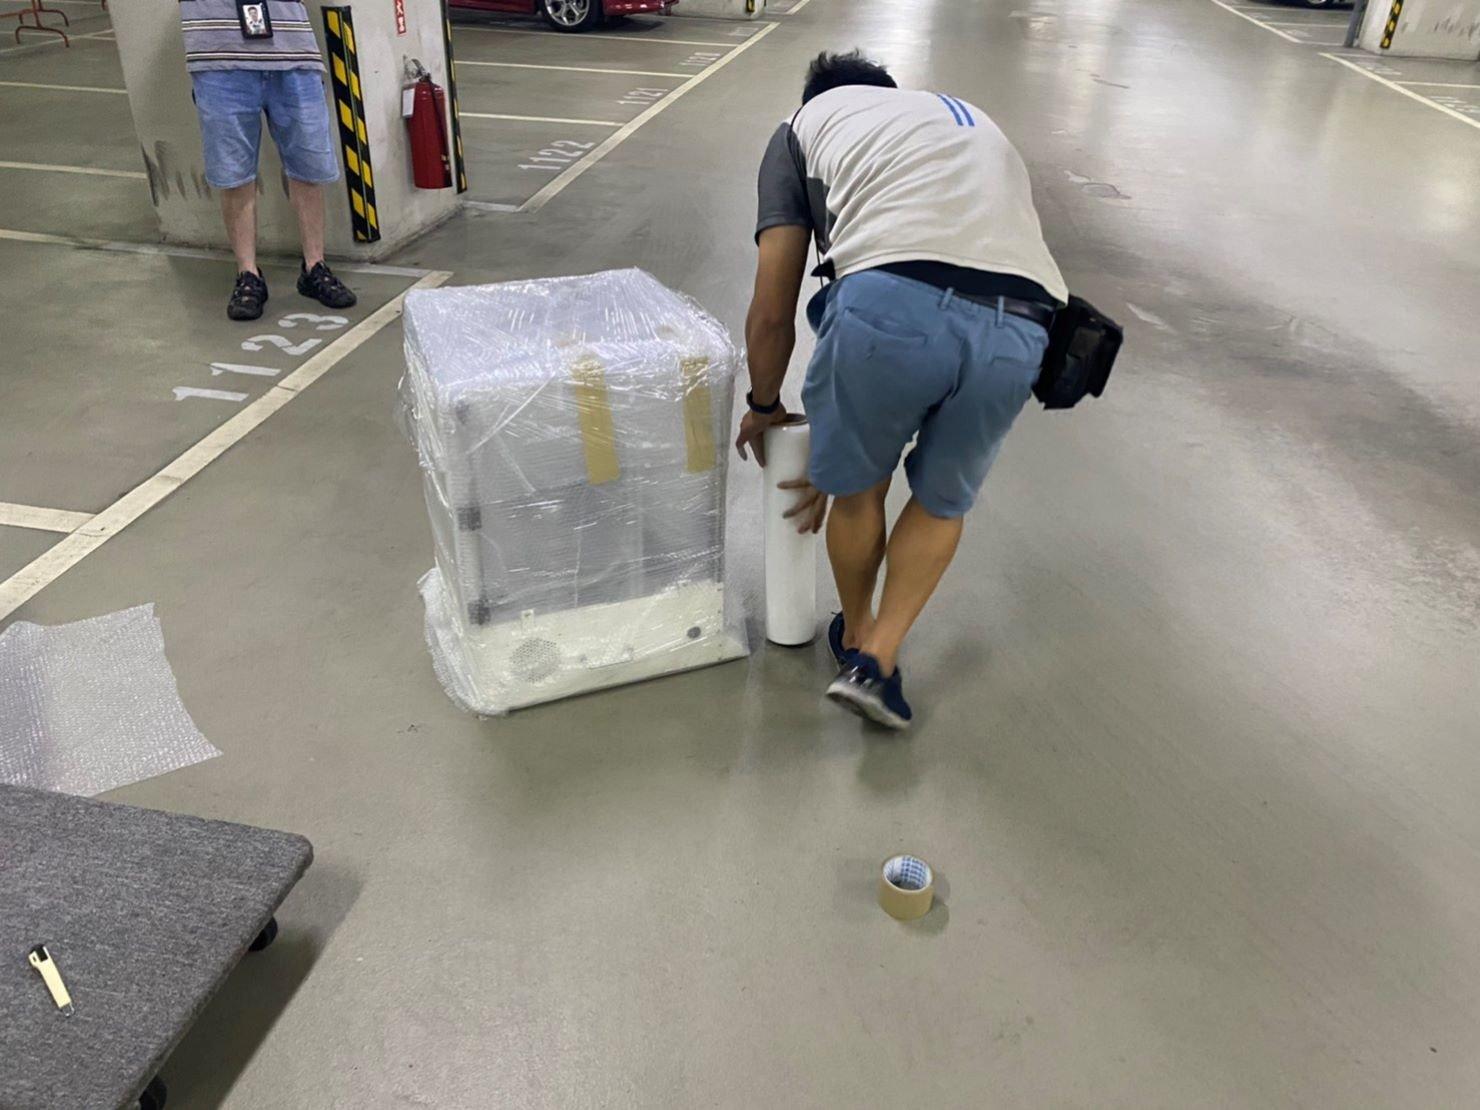 專人打包、搬家公司推薦、新北搬家公司推薦【榮福搬家公司】基隆搬家、南港搬家、桃園搬家公司推薦、家庭搬家、精密儀器搬運、精密儀器包裝、精緻搬家、精緻包裝、裝箱打包、跨縣市搬家、搬工計時、人工搬運、床墊搬運、冰箱搬運、搬家具、單件搬運、單一物件搬運、藝術品包裝、藝術品搬運、搬家首選、吊掛搬運、吊家具搬運、搬家紙箱、氣泡捲、膠膜、黃色透明膠帶、大型家具搬運、紅酒瓶精緻包裝、紅酒櫃包裝、台北搬家公司推薦:大台北搬家,精緻包裝搬運「細膩包裝、專業搬運、用心服務、以客為尊」是榮福搬家公司的宗旨與精神。歡迎立即來電02-2651-2727專人服務。